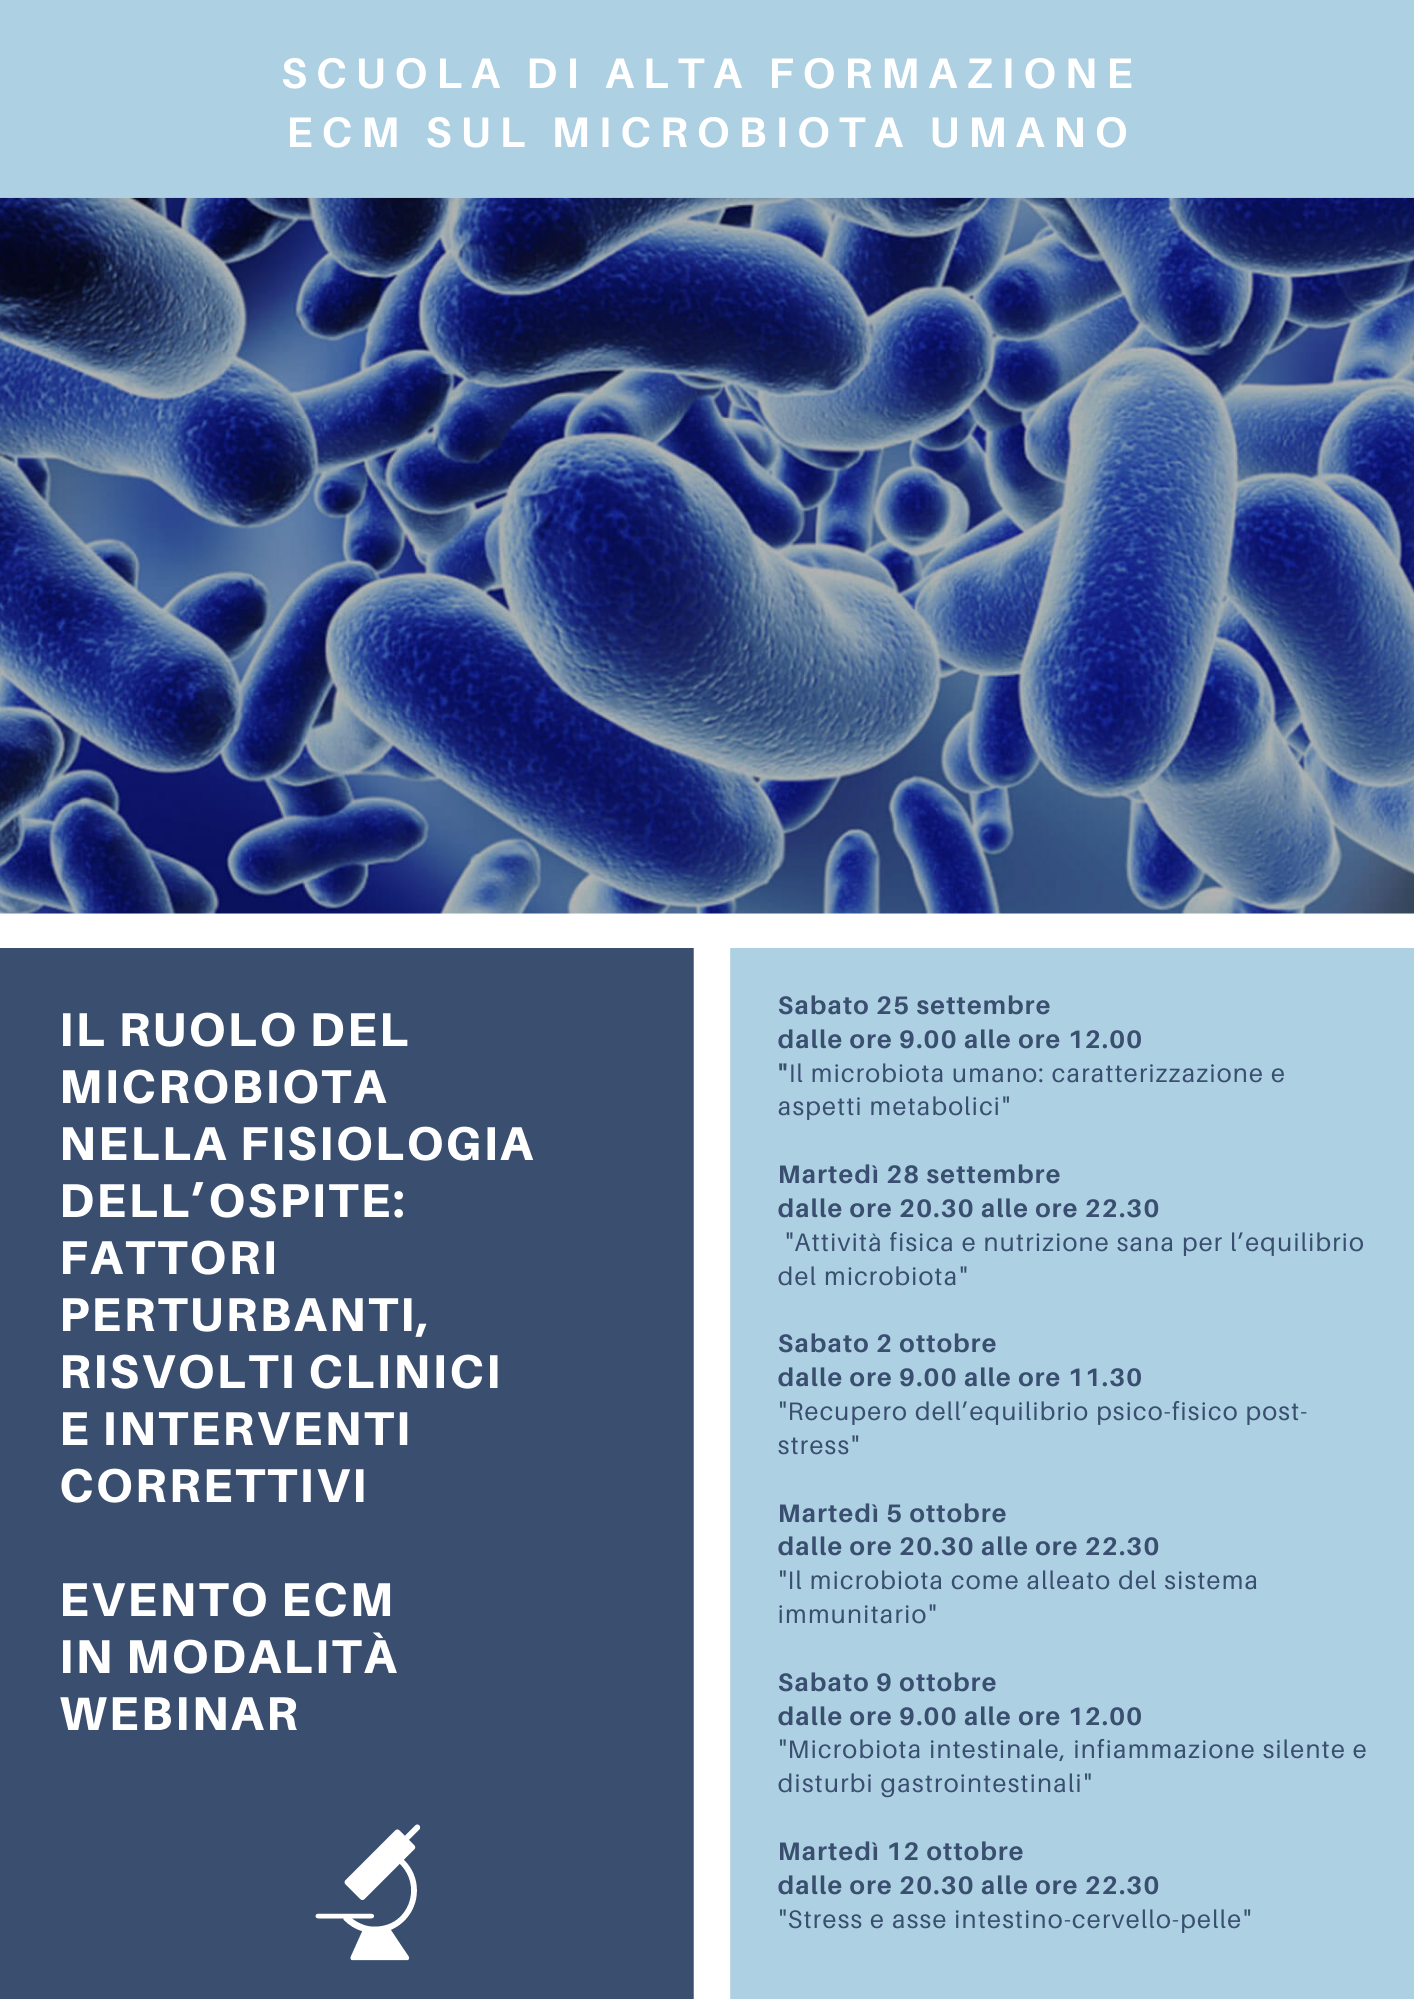 Il ruolo del microbiota nella fisiologia dell'ospite: fattori perturbanti, risvolti clinici e interventi correttivi